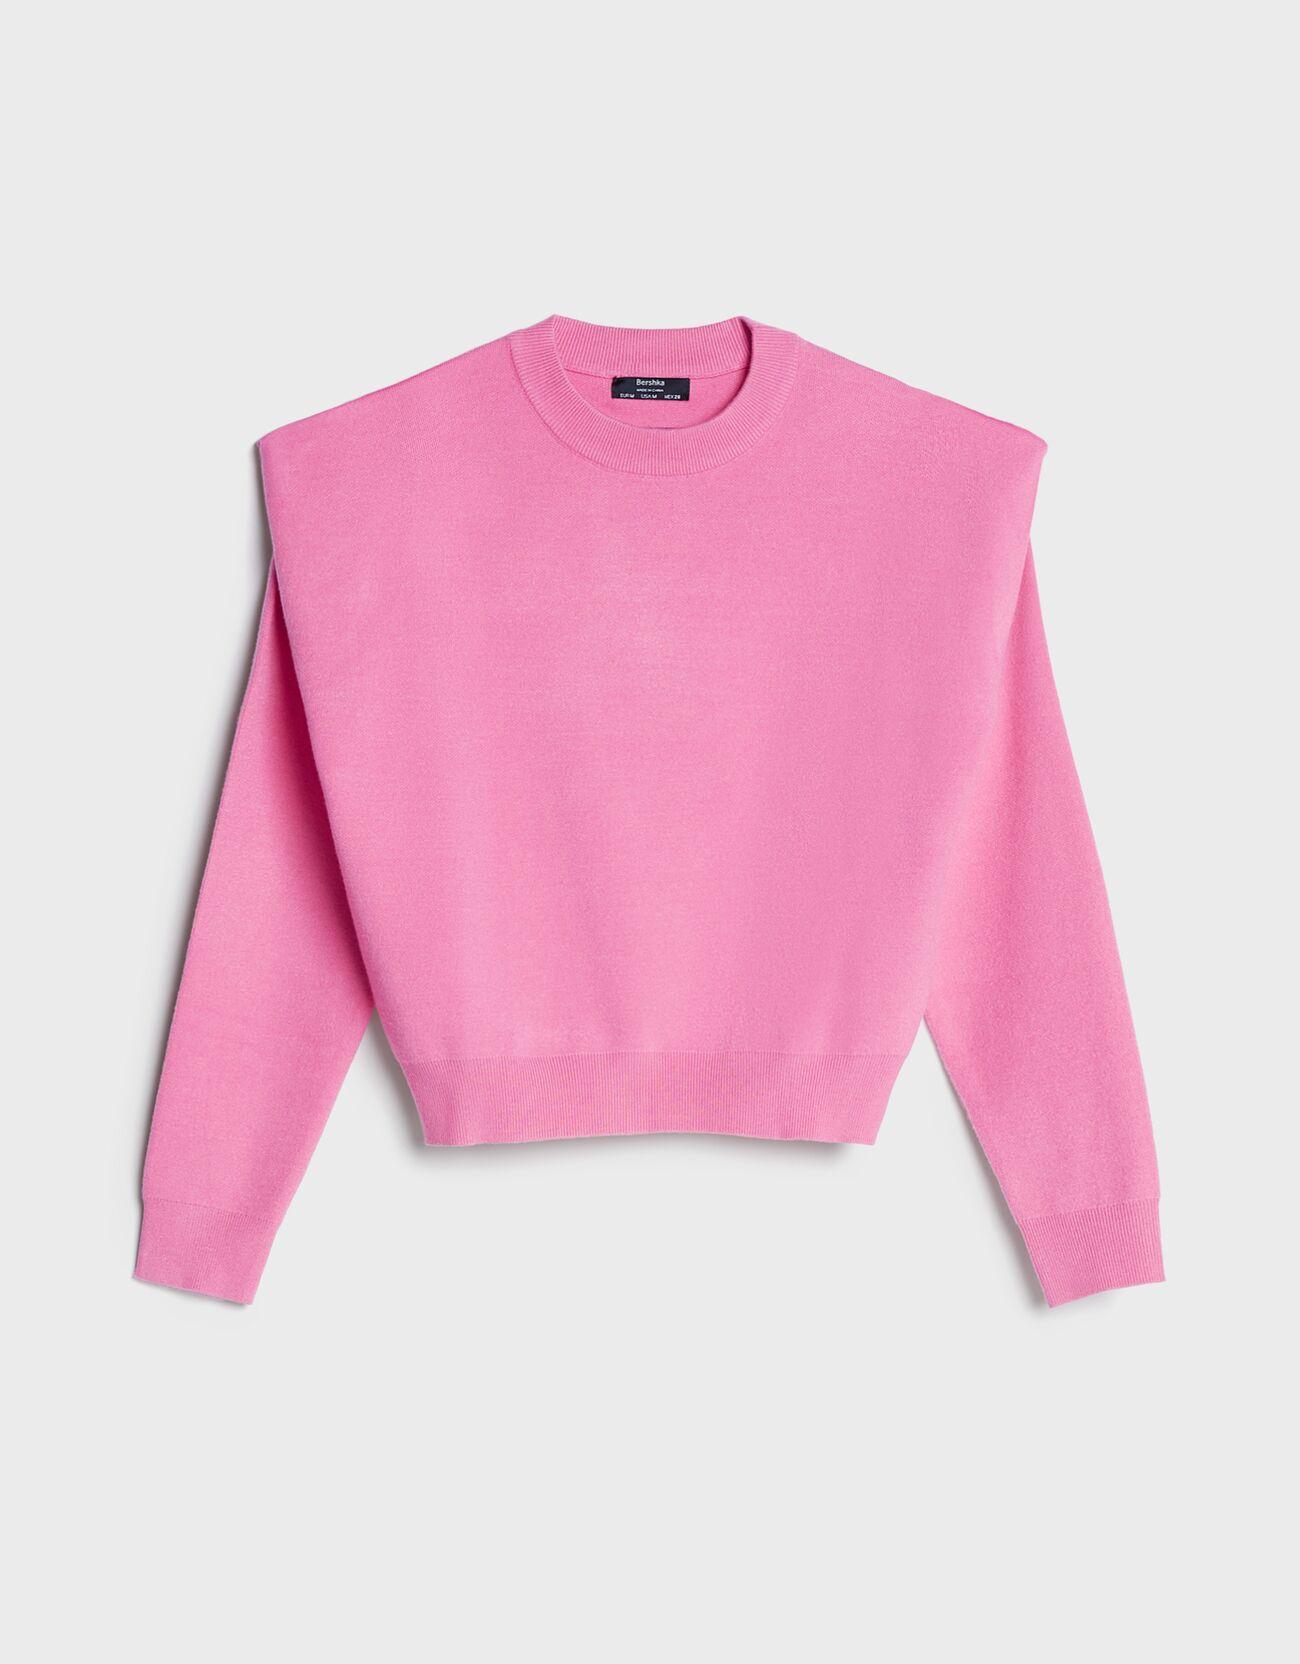 Jersey fino con hombros marcados de color rosa.